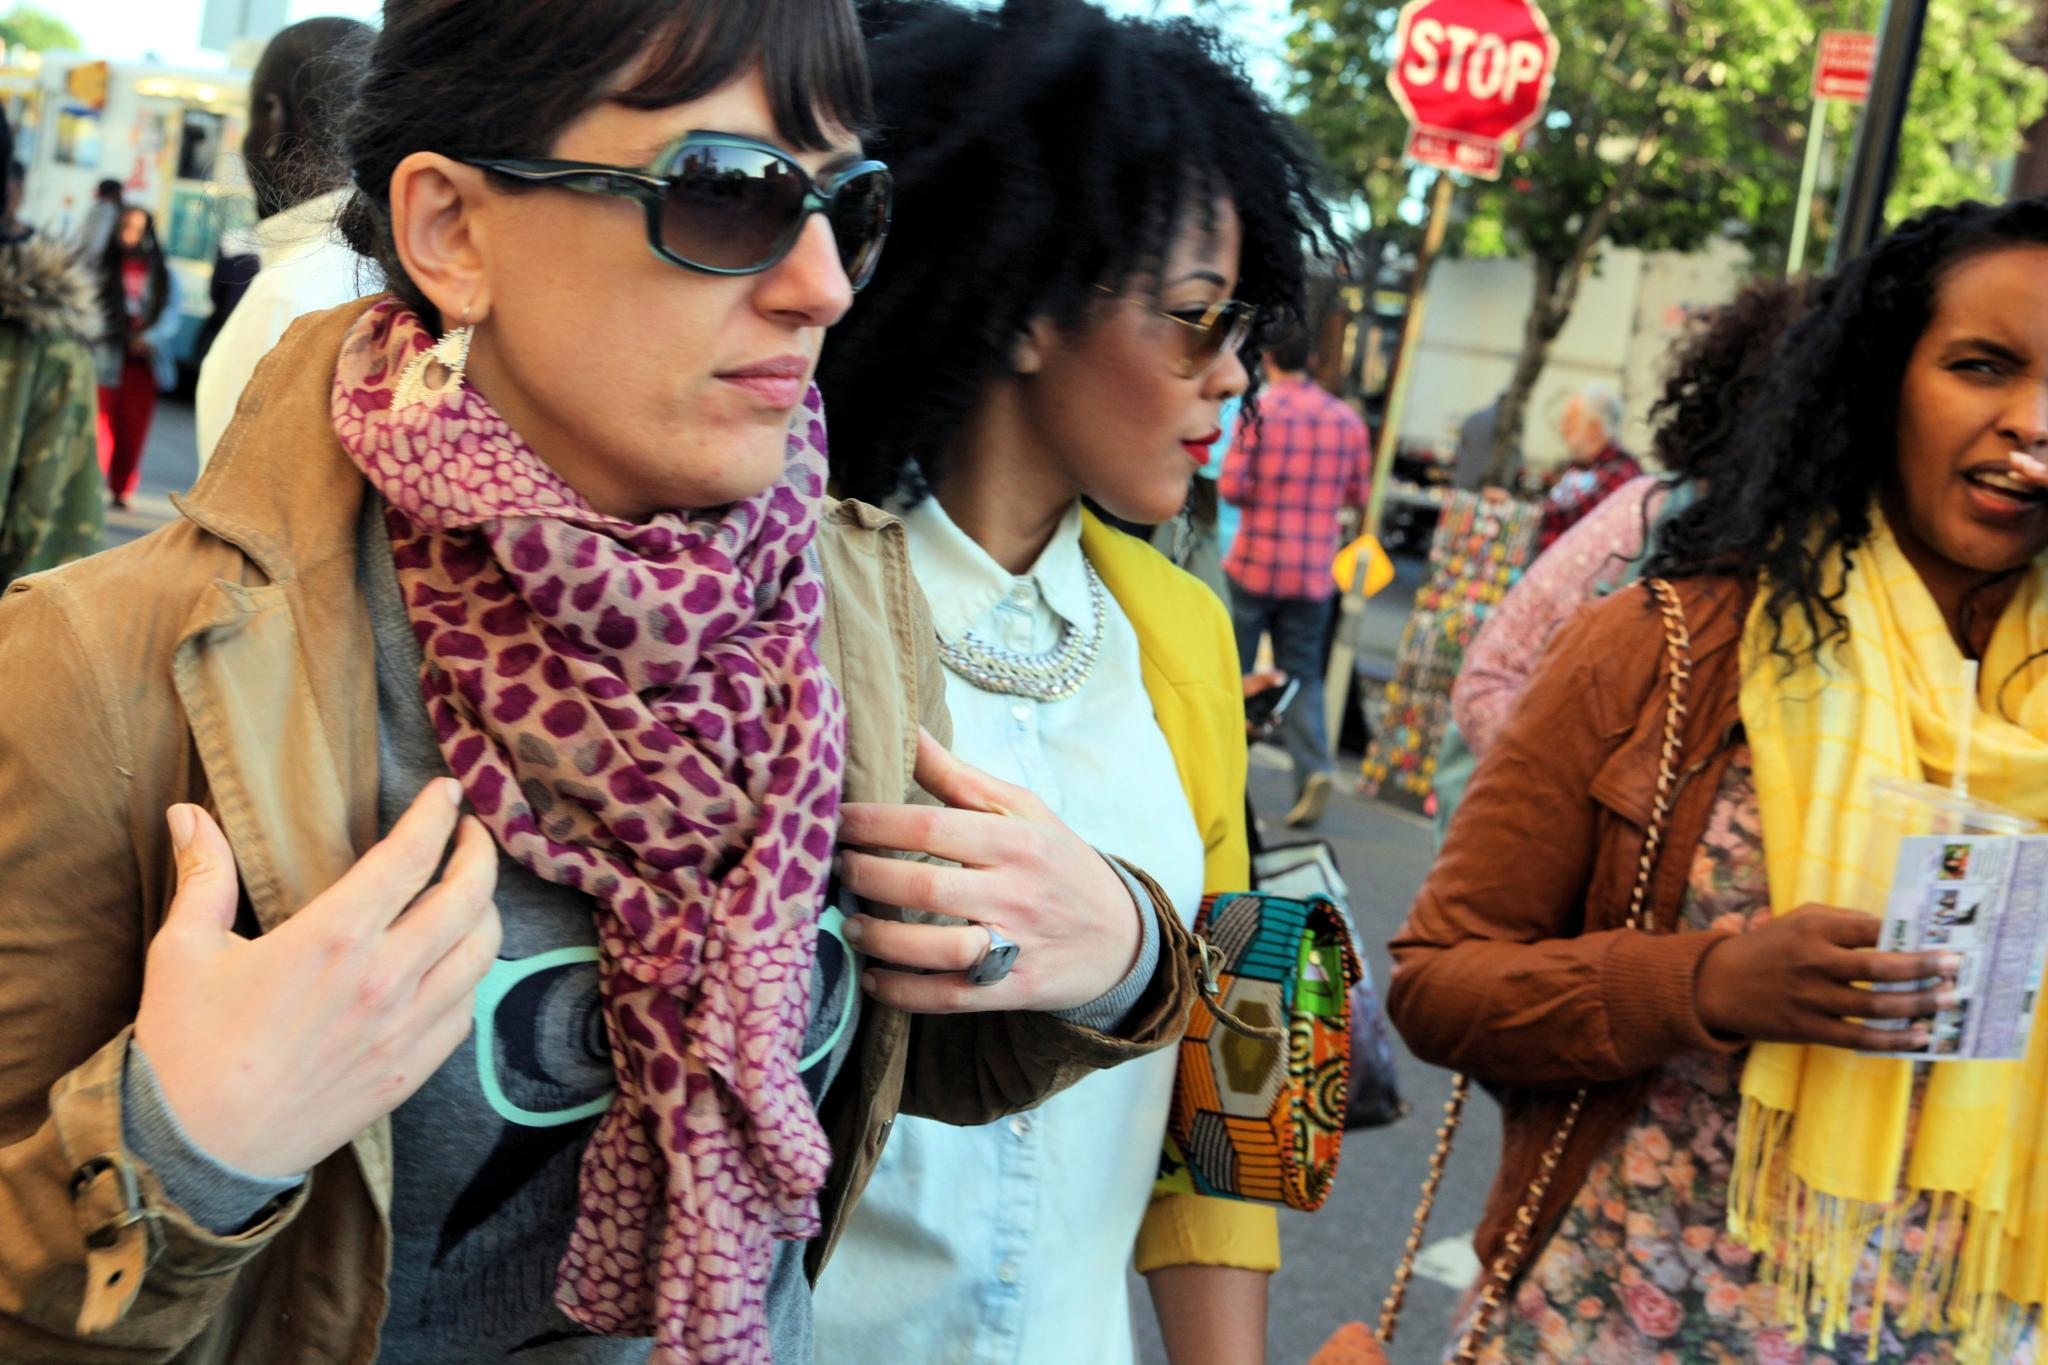 African Street Festival Brooklyn, New York by robteilets